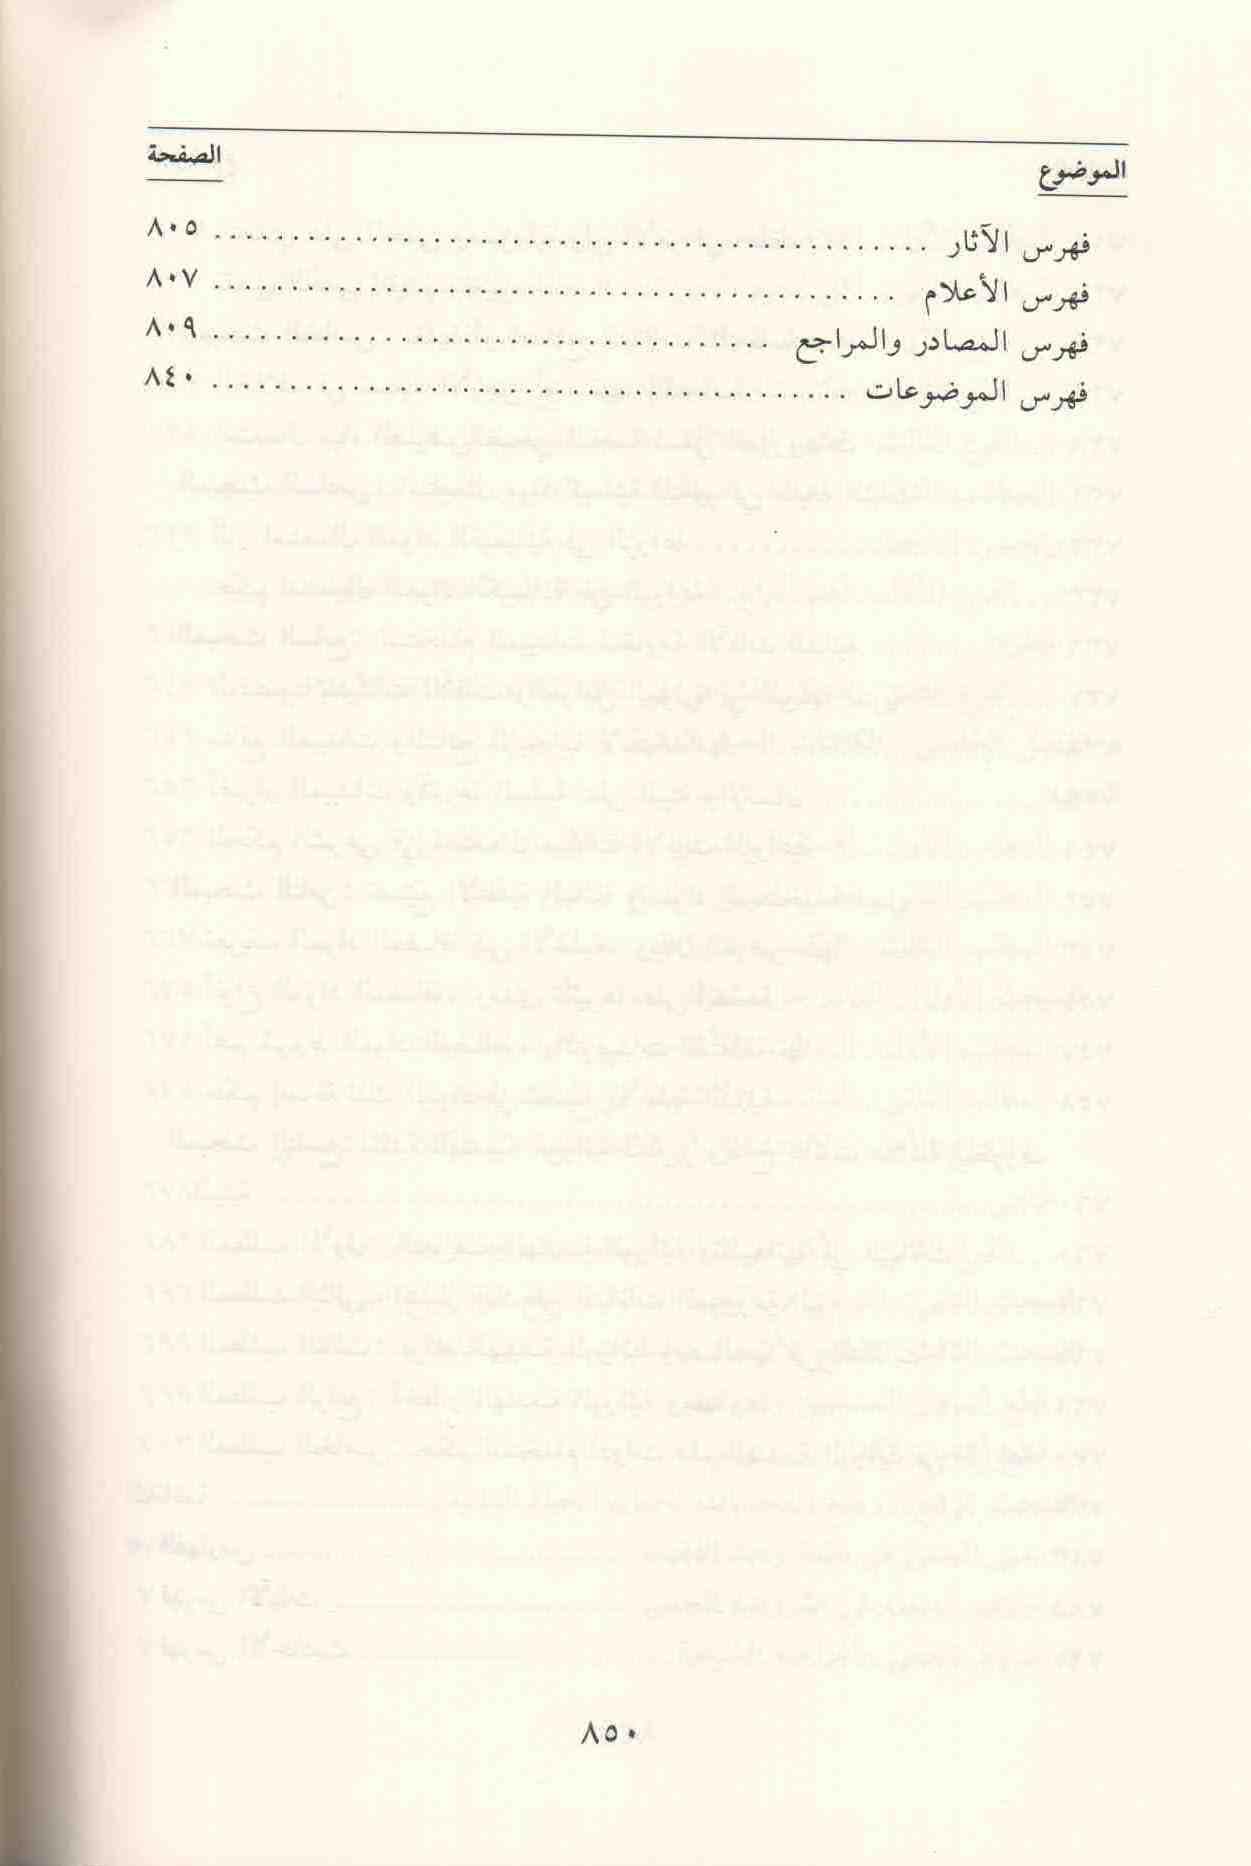 ص 850 محتويات كتاب أحكام البيئة